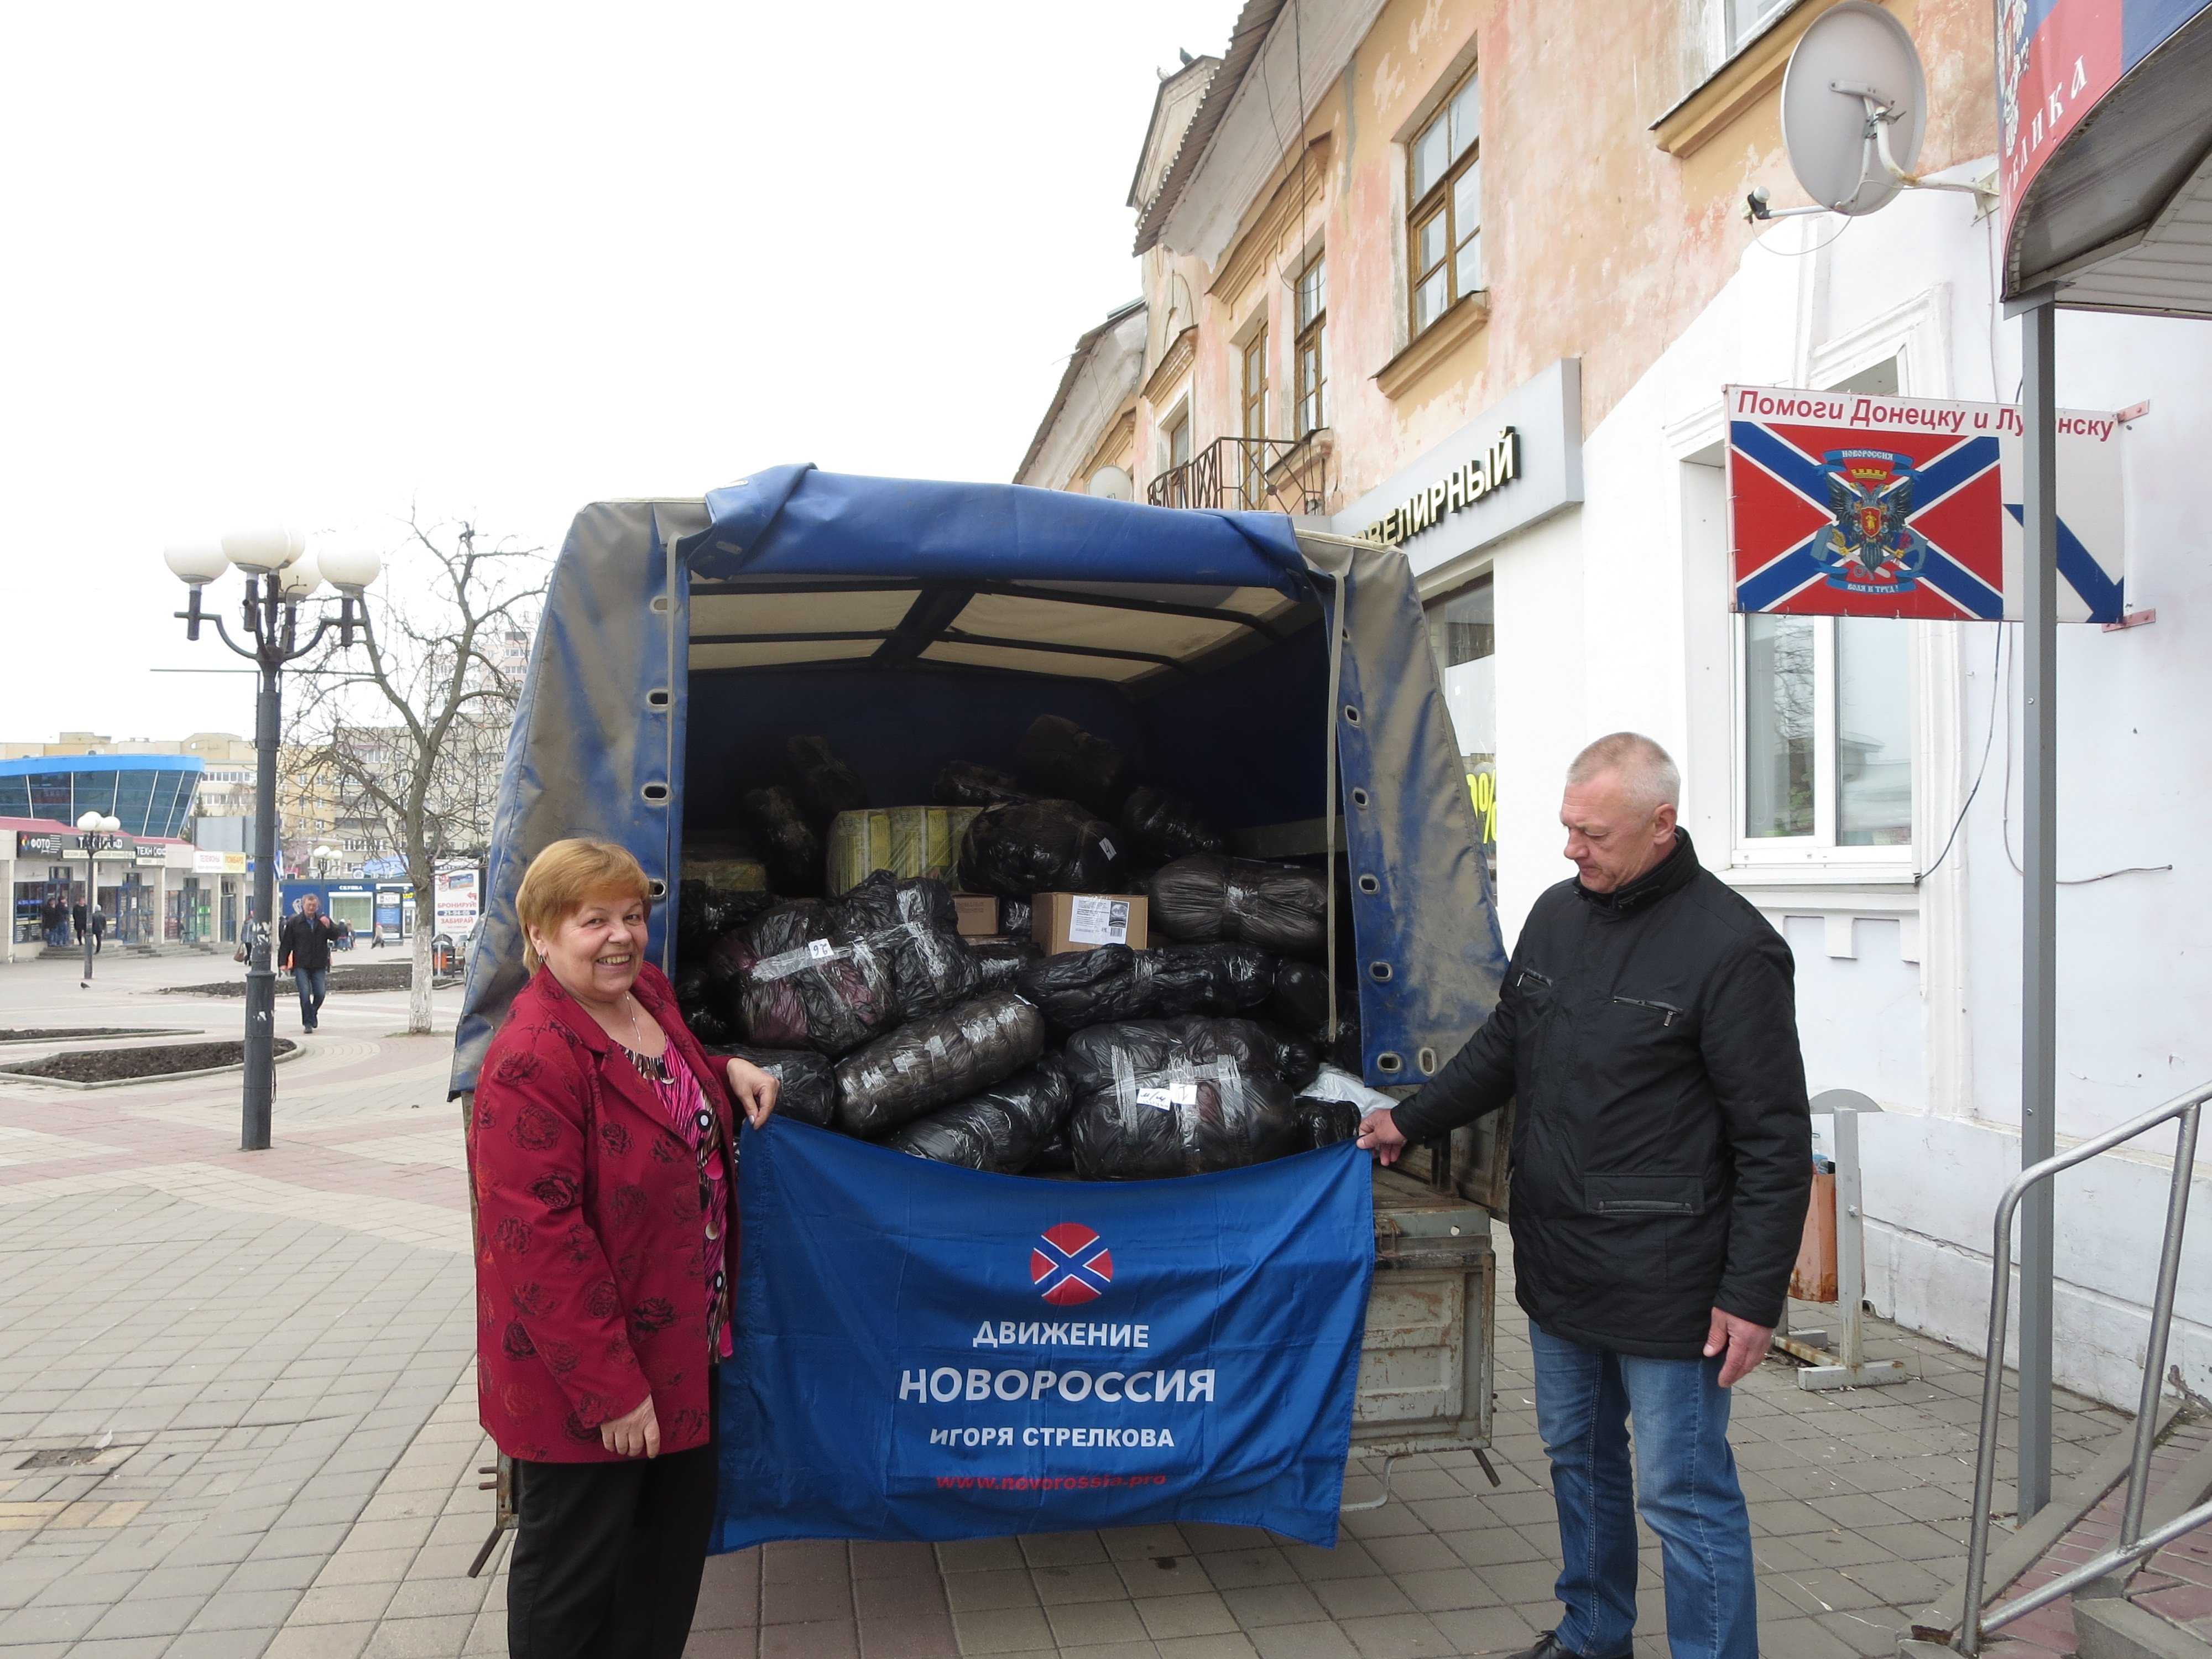 Общественное движение «Новороссия»